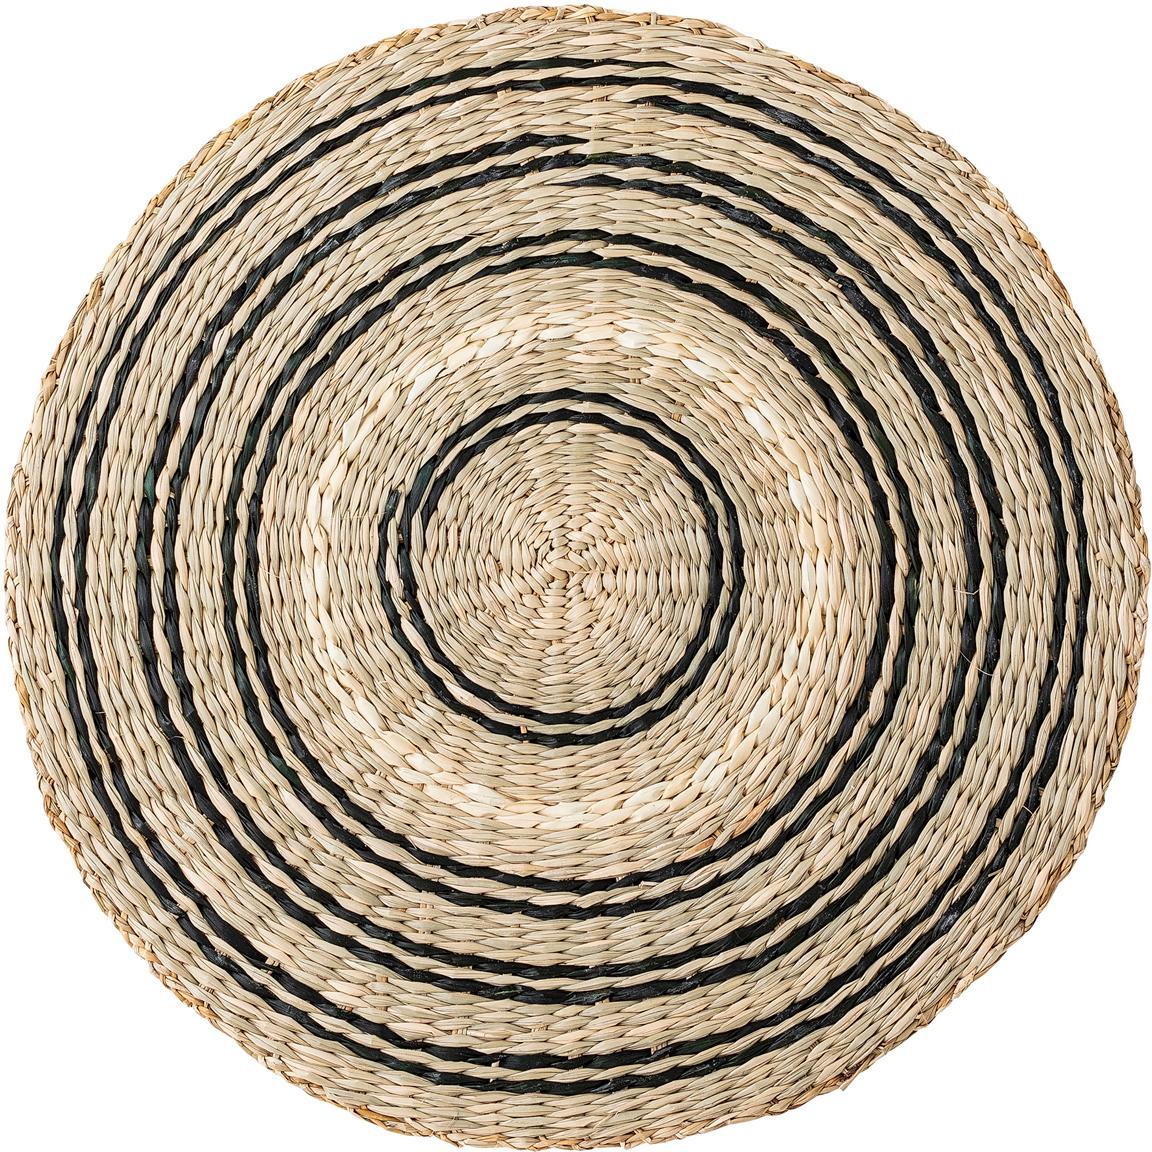 Rundes Seegras-Tischset Kama, Seegras, Beige, Weiß, Schwarz, Ø 38 cm